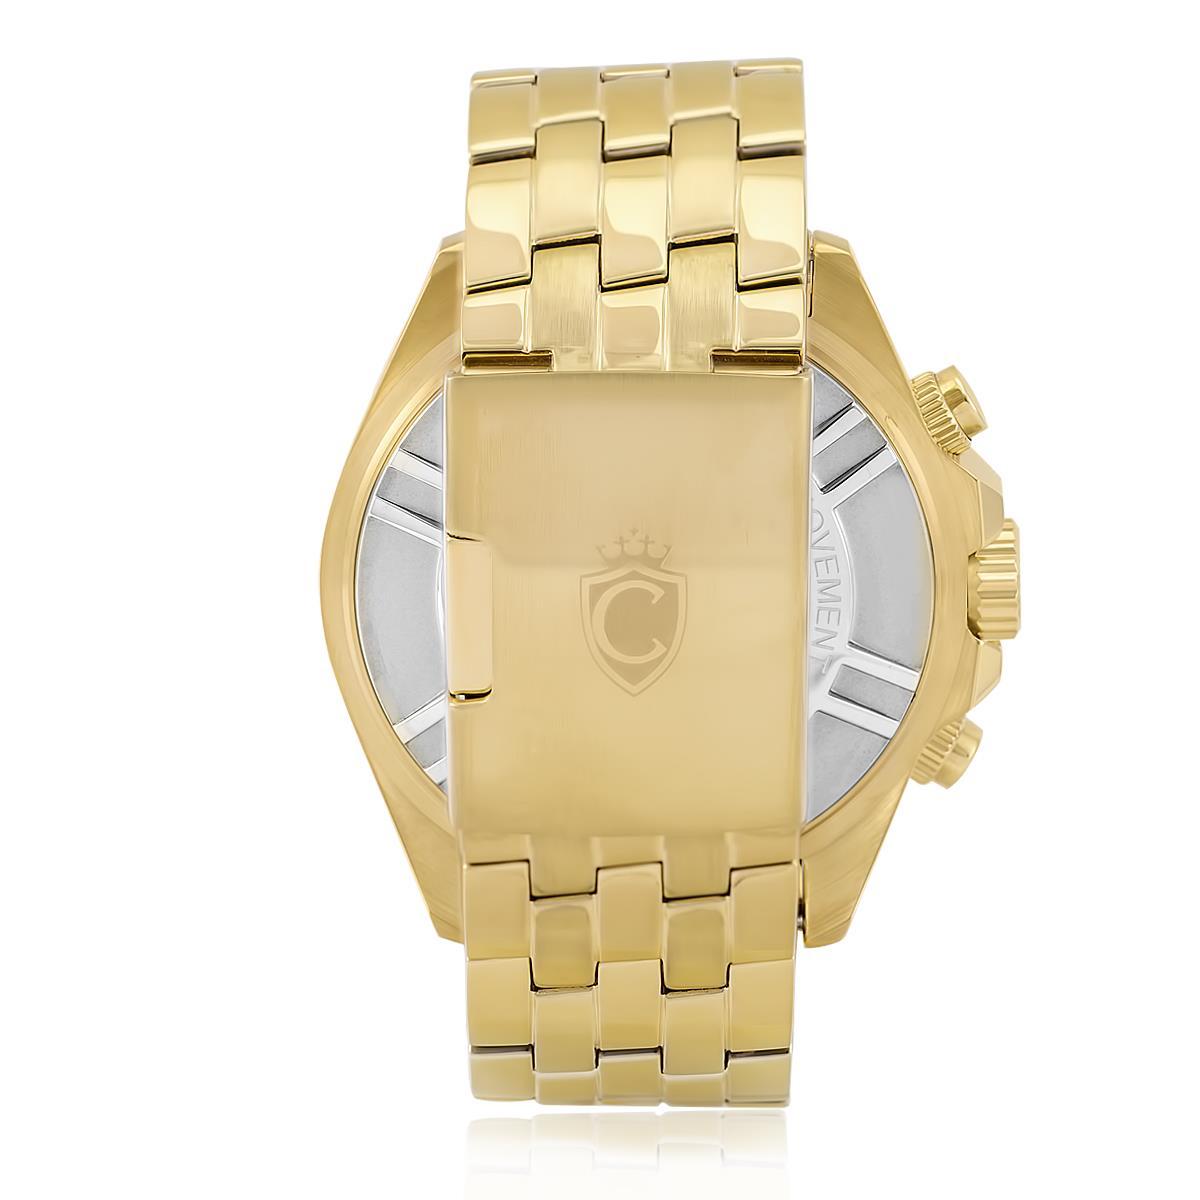 7b019d324e2 Relógio Masculino Constantim CT-02 ZW30198A Navitimer Gold Blue